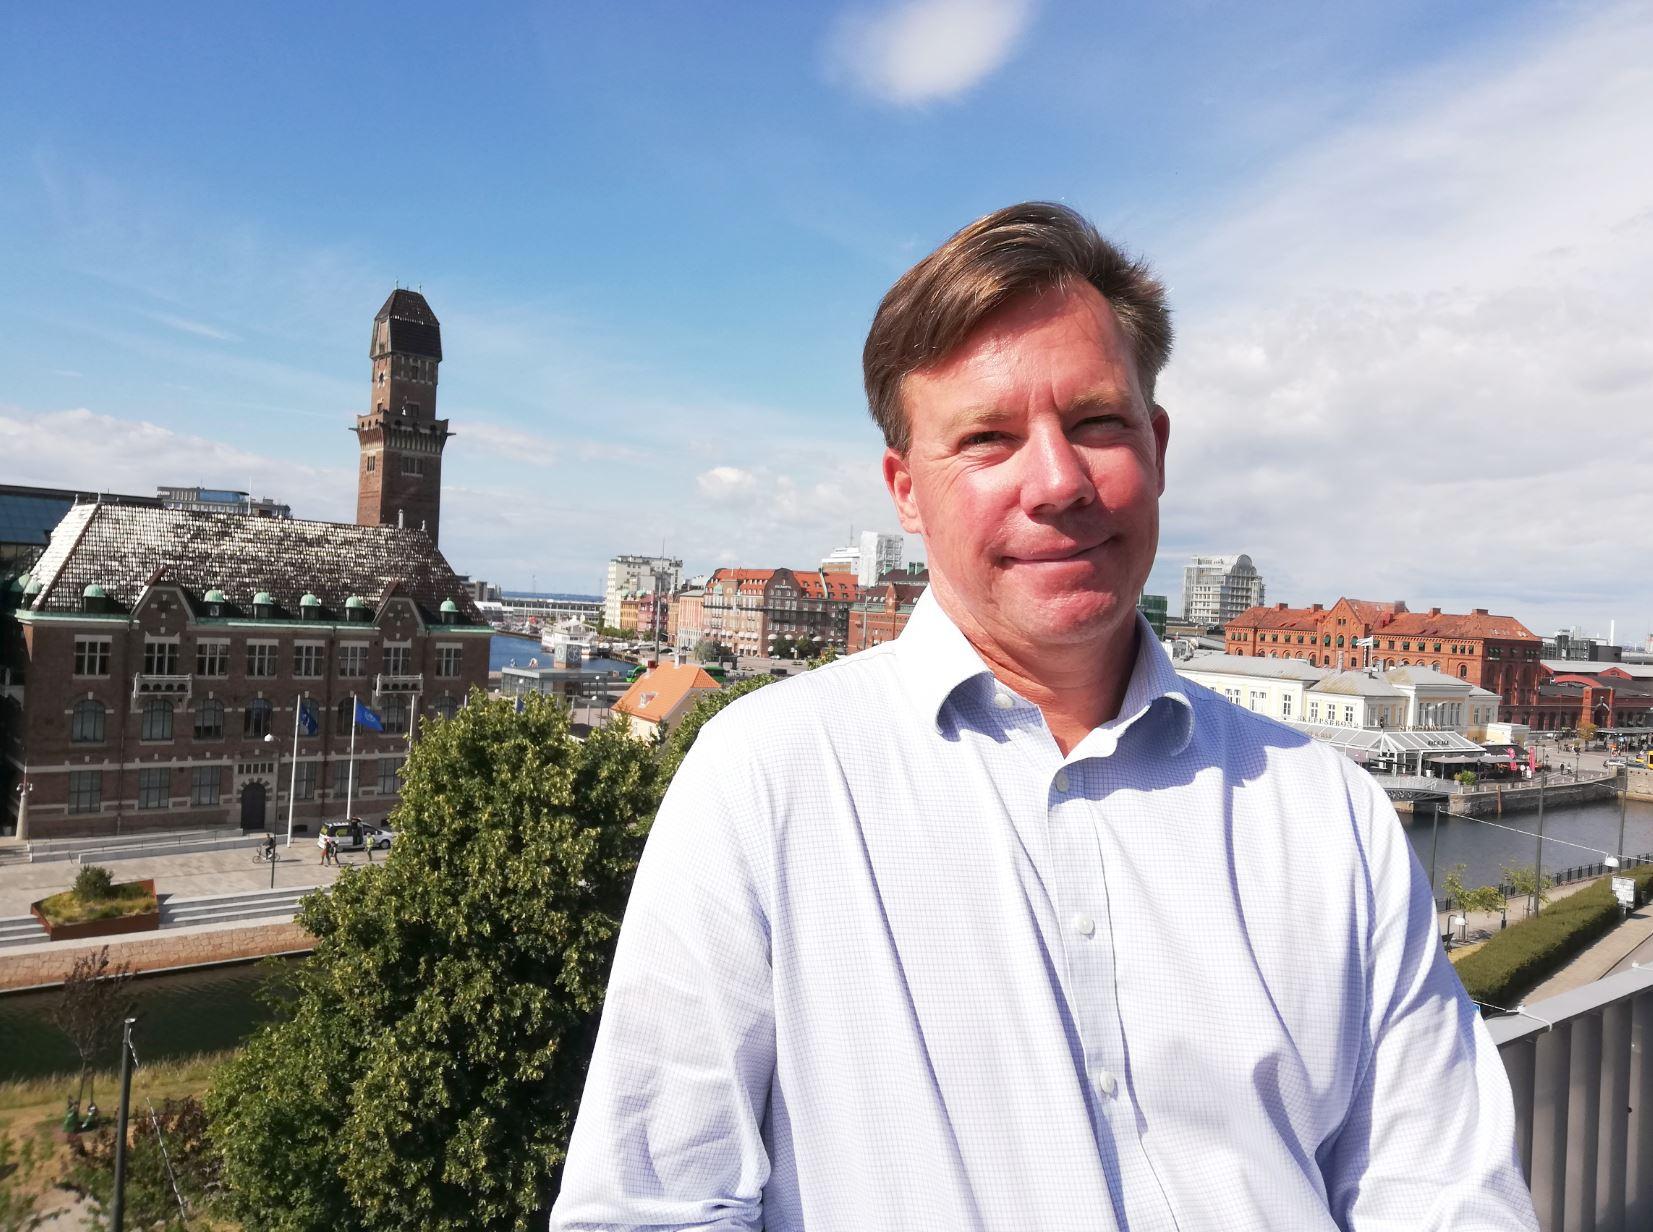 Relier – Real Estate Advisor förstärker sitt transaktionsteam genom att anställa Per Nordström som senior fastighetsrådgivare.